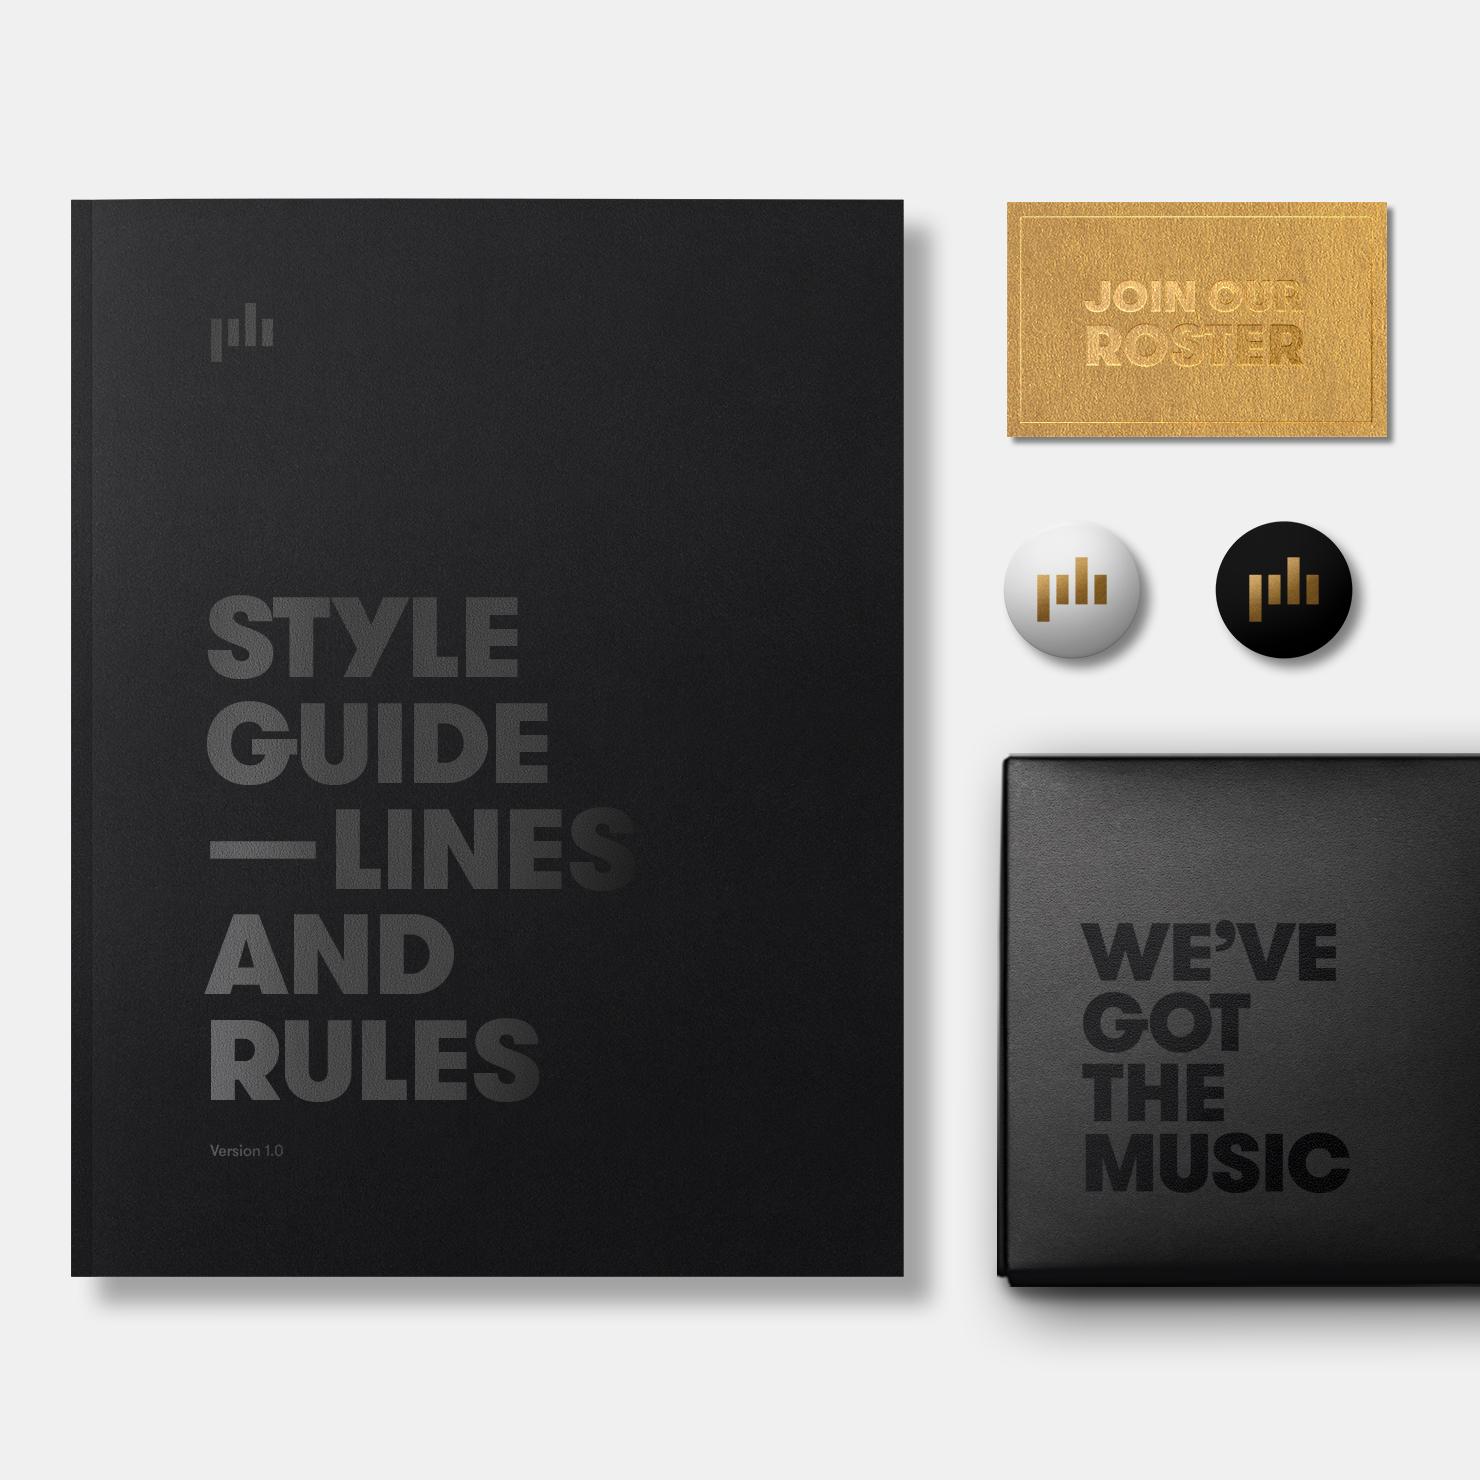 home-Inner-premiumBeat-brand